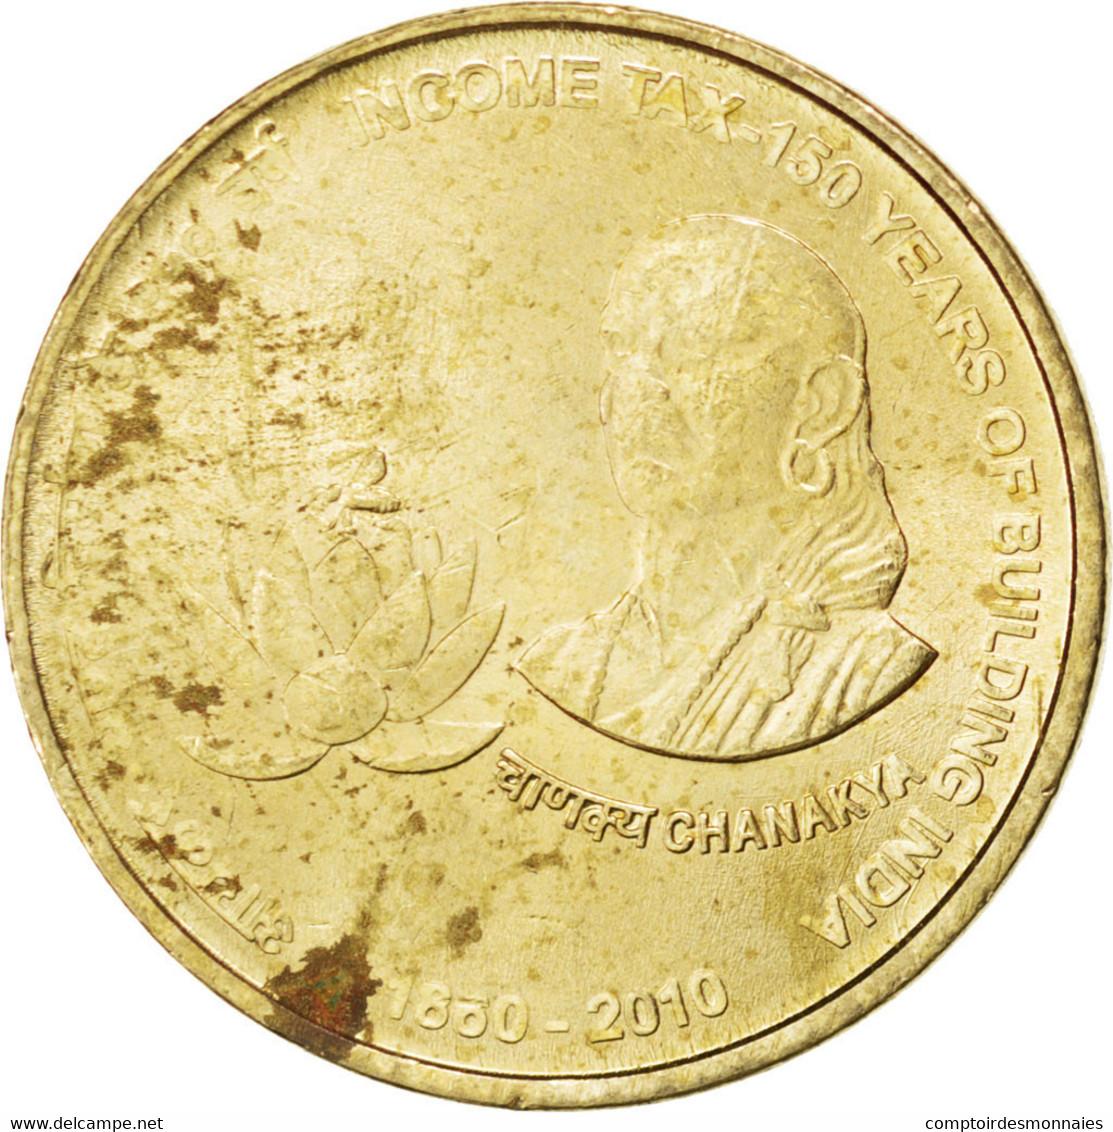 [#86976] Inde, République, 5 Rupees 2010 (C), KM 379 - Inde